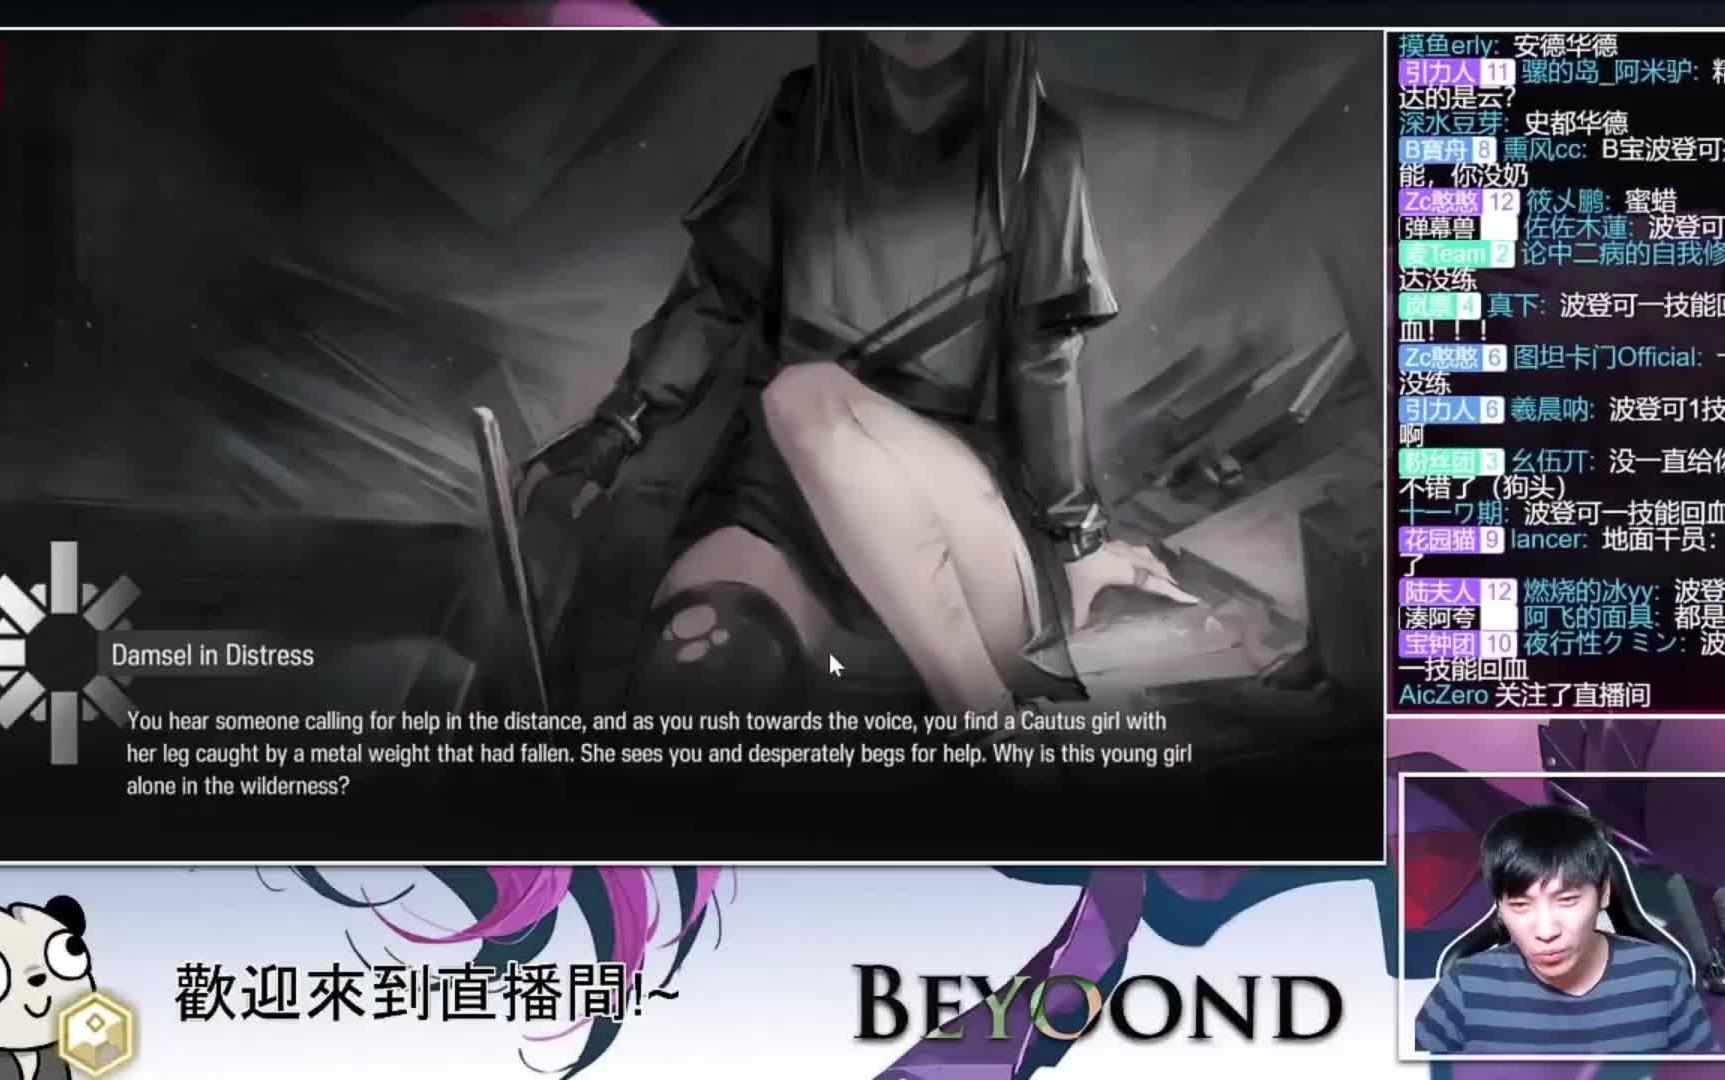 『明日方舟』肉鸽连续剧第五集 beyoond初见卡特斯少女